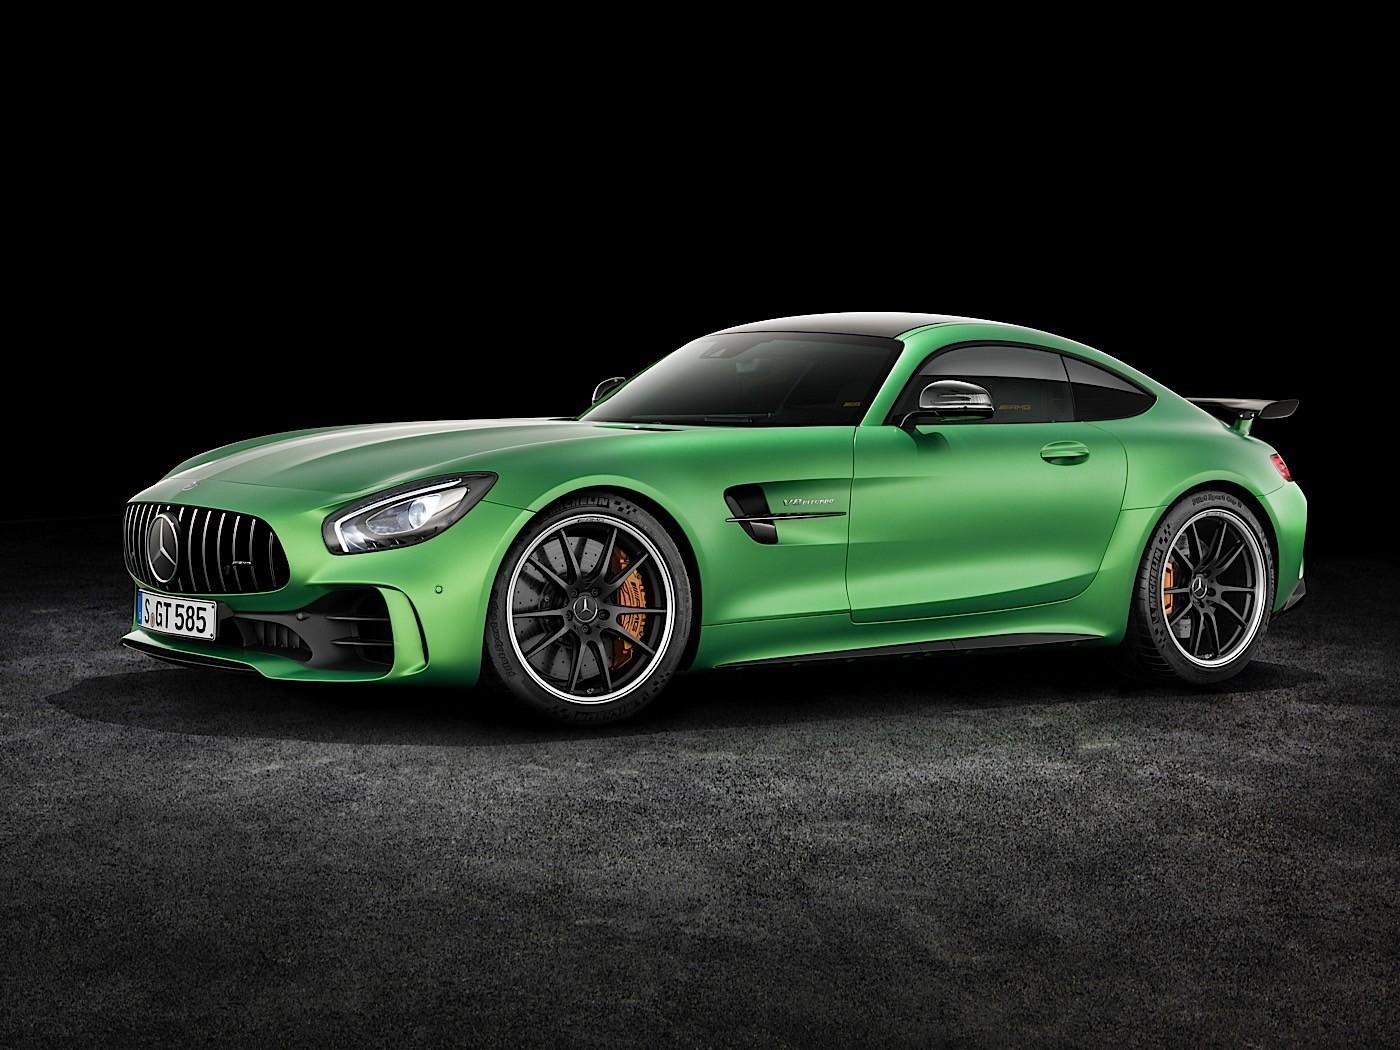 Dieser löst seinen vorgänger, den sls amg, ab. Mercedes-AMG GT4 Racing Car Currently In Development